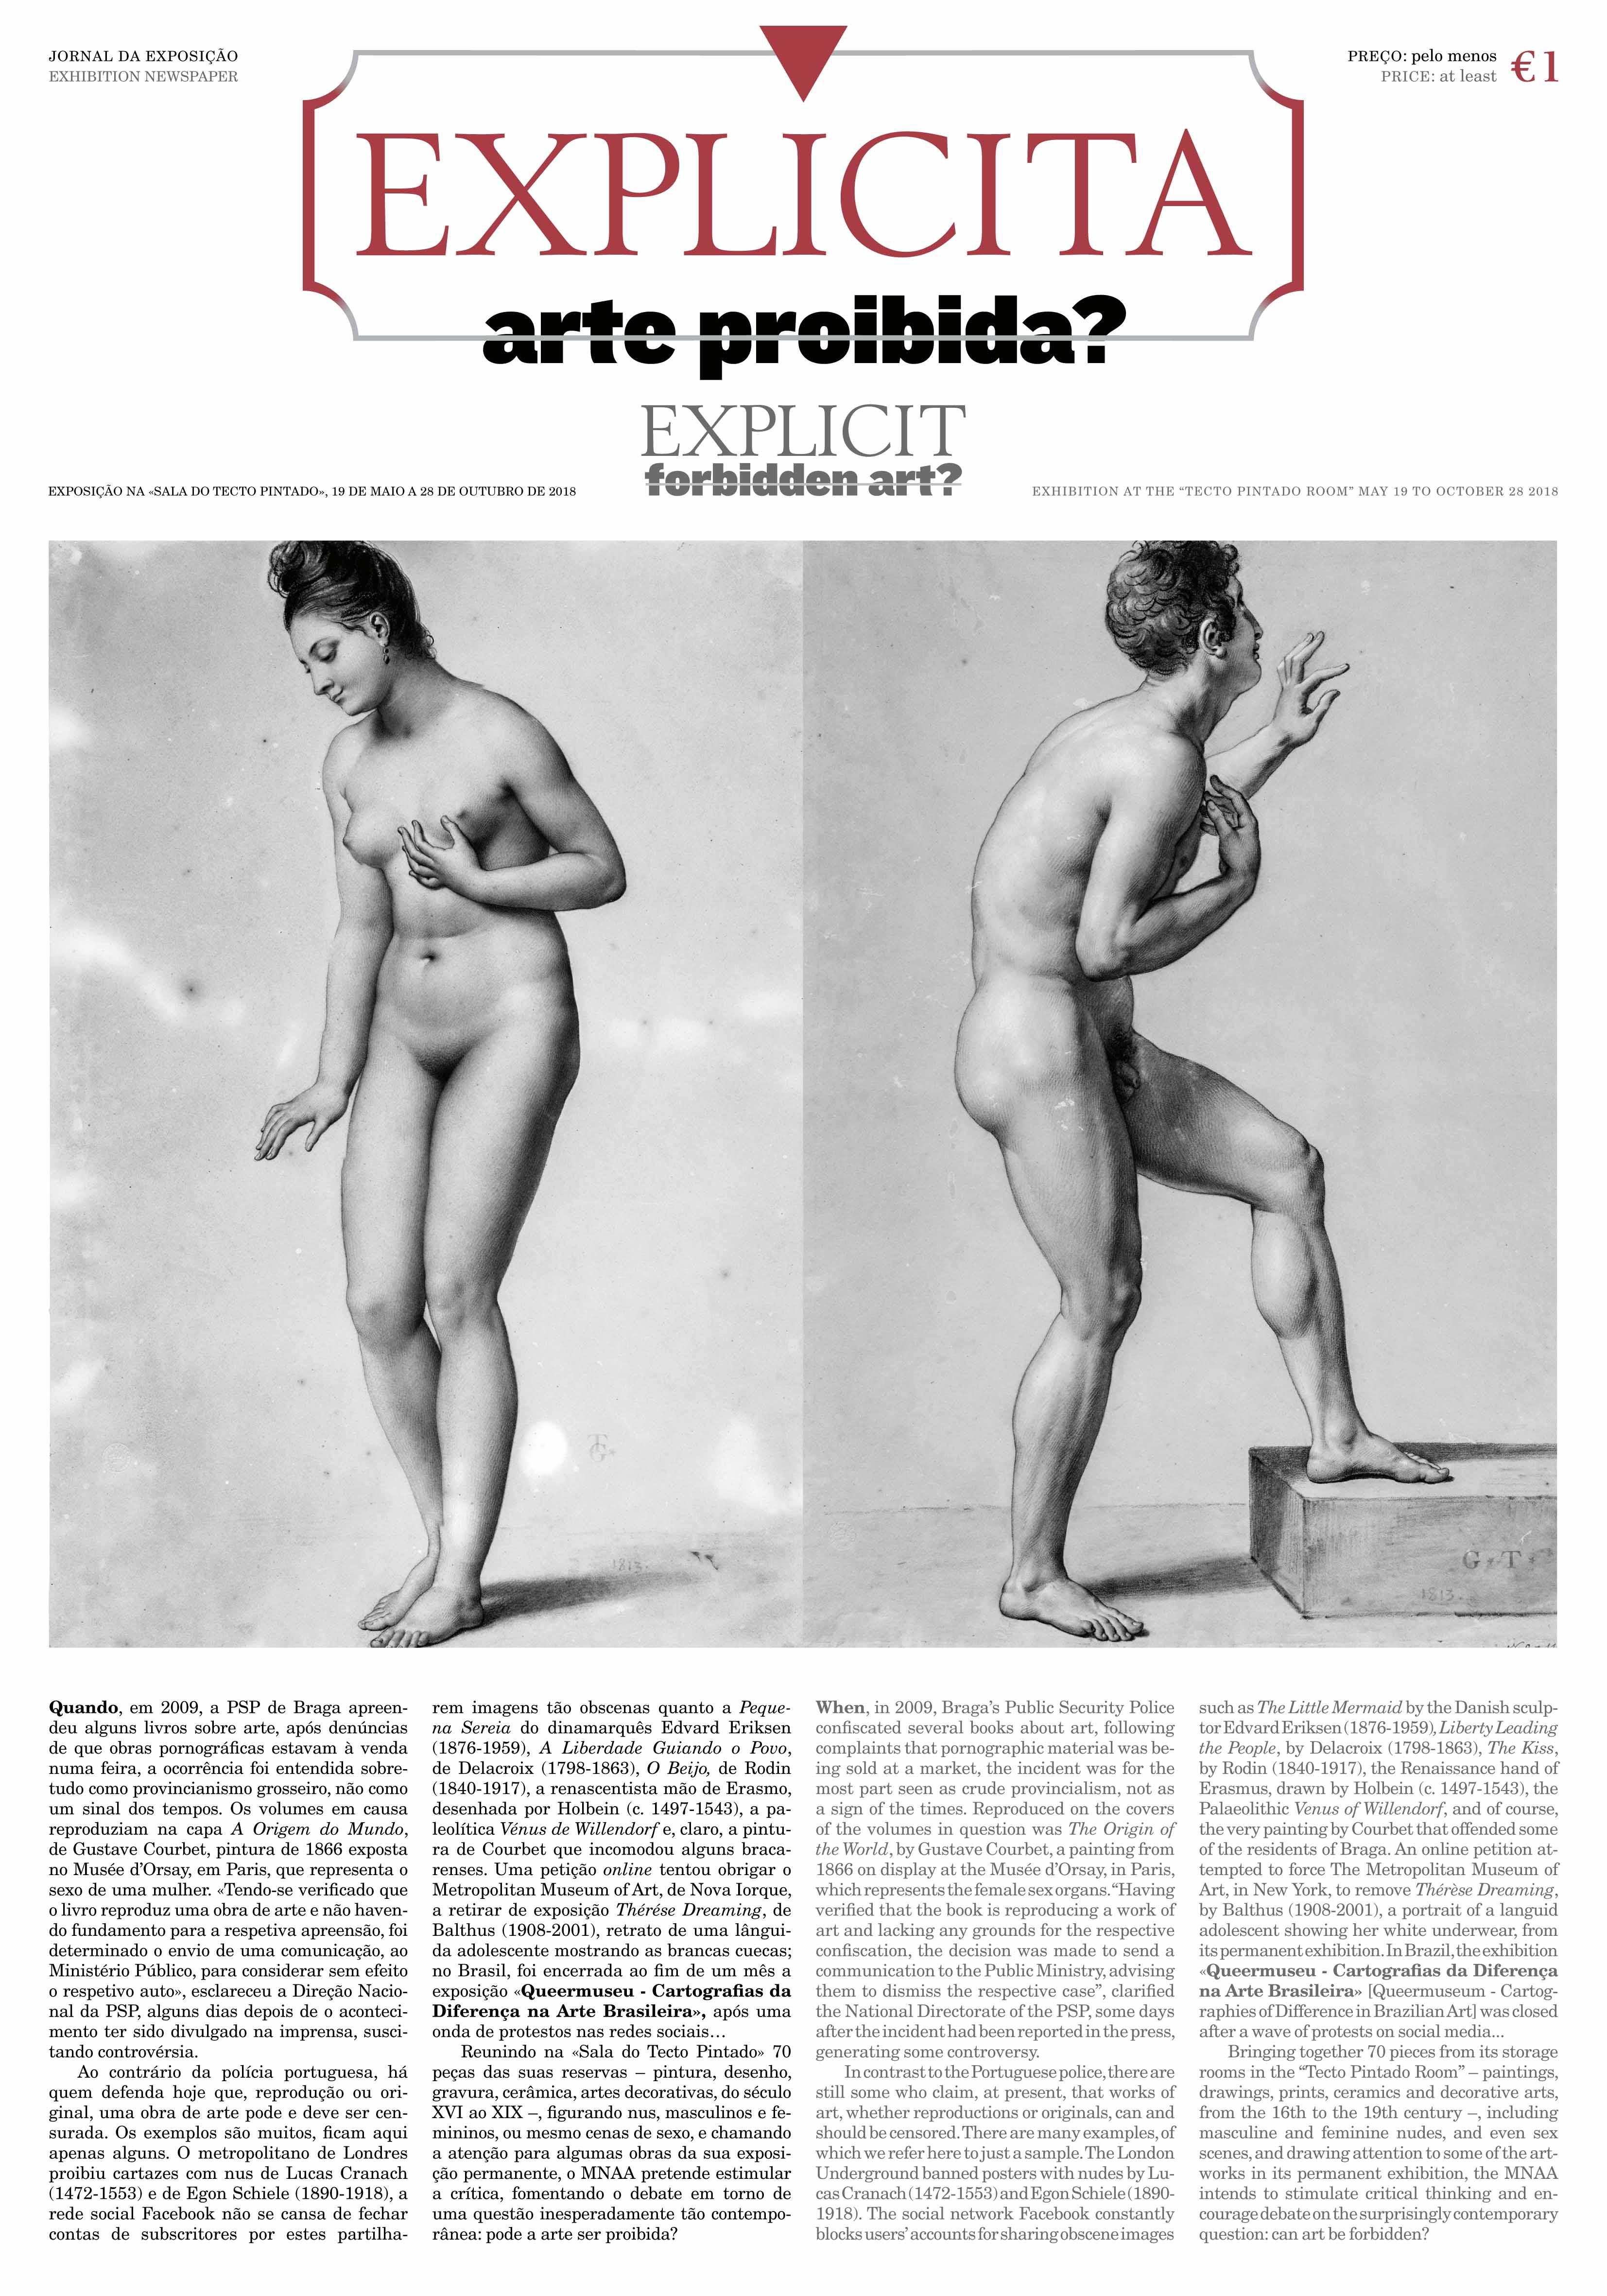 Jornal da Expo - Explicita. Arte Proibida